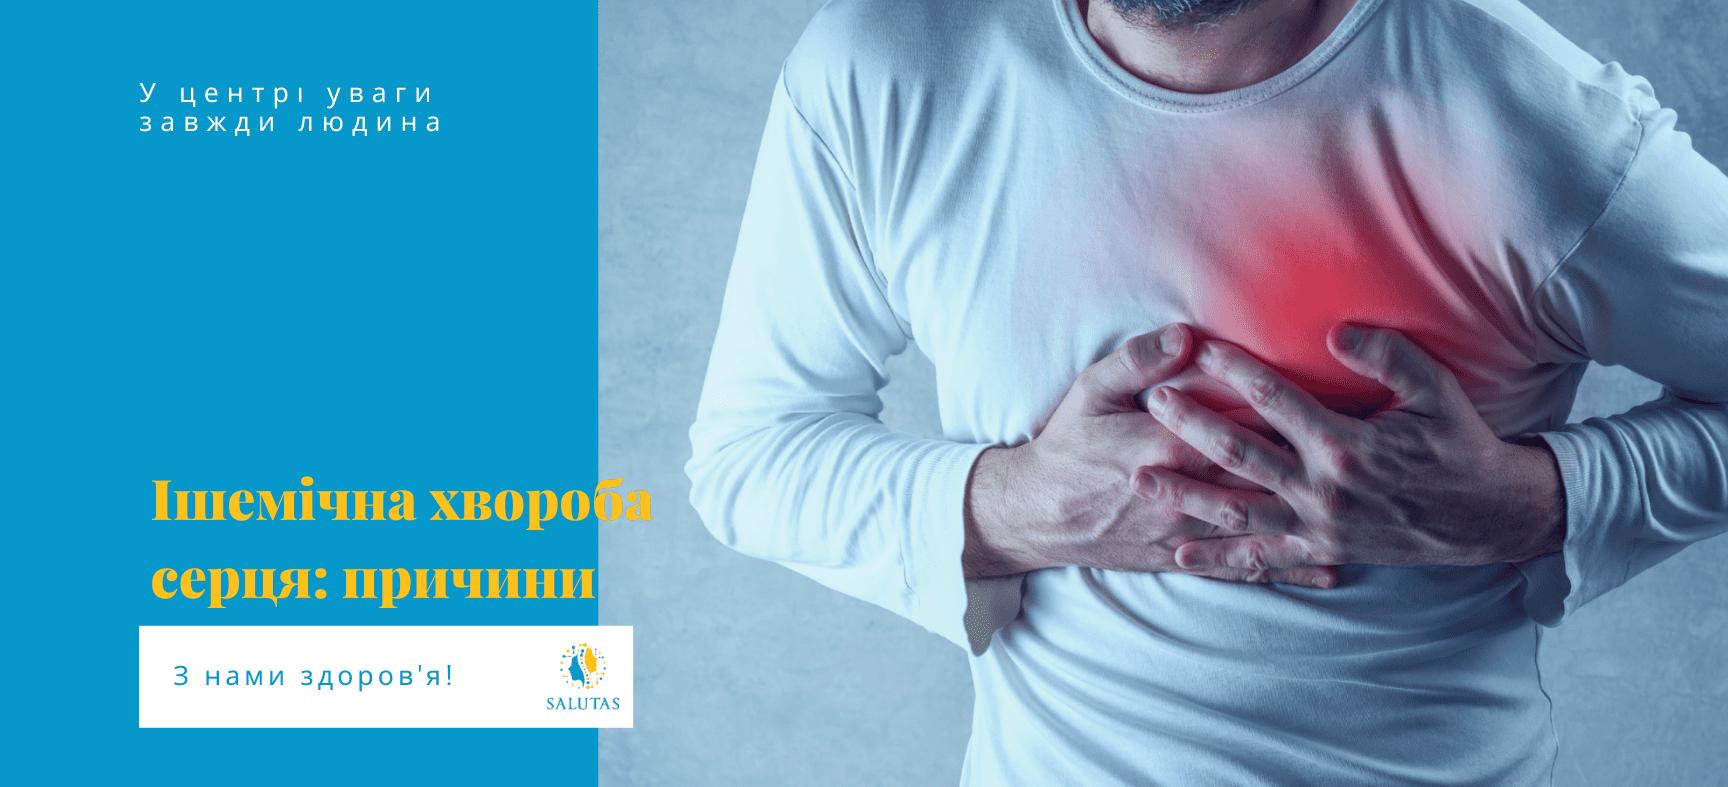 Ішемічна хвороба серця: причини